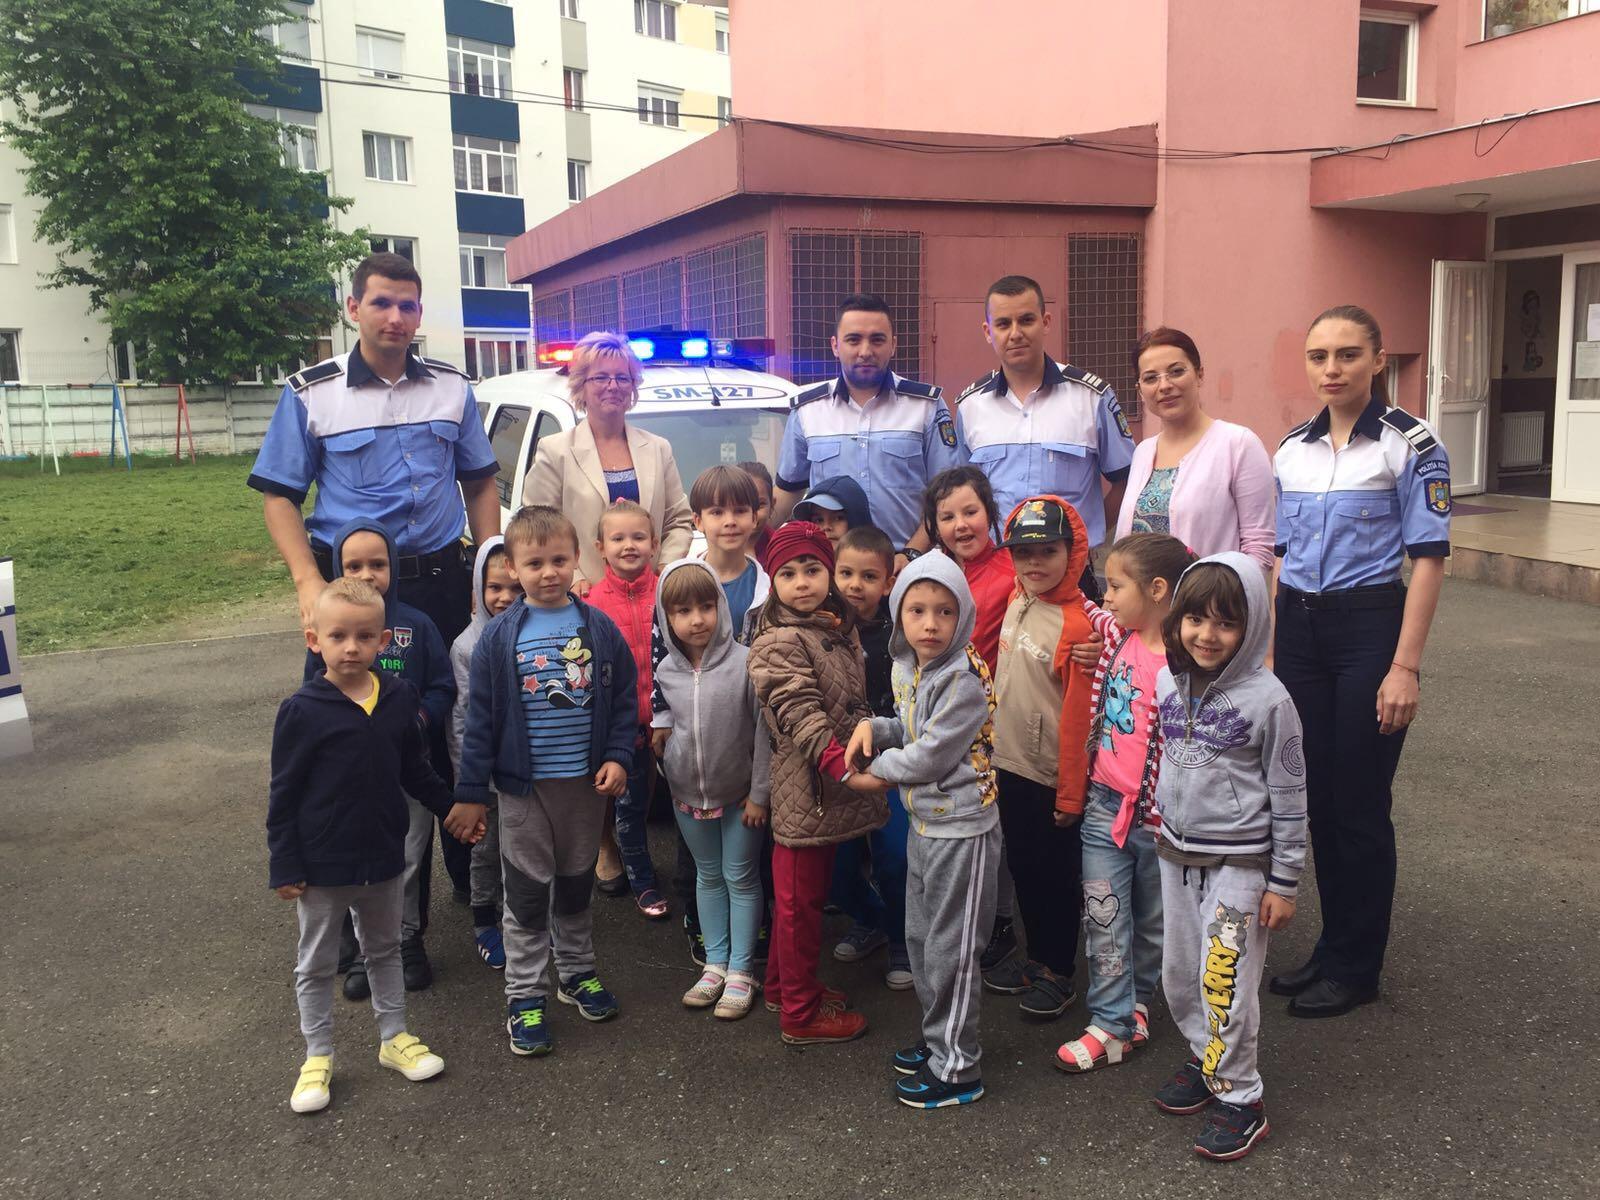 Poliția rutieră și de prevenire s-a împrietenit cu piticii din grădinițele din Satu Mare